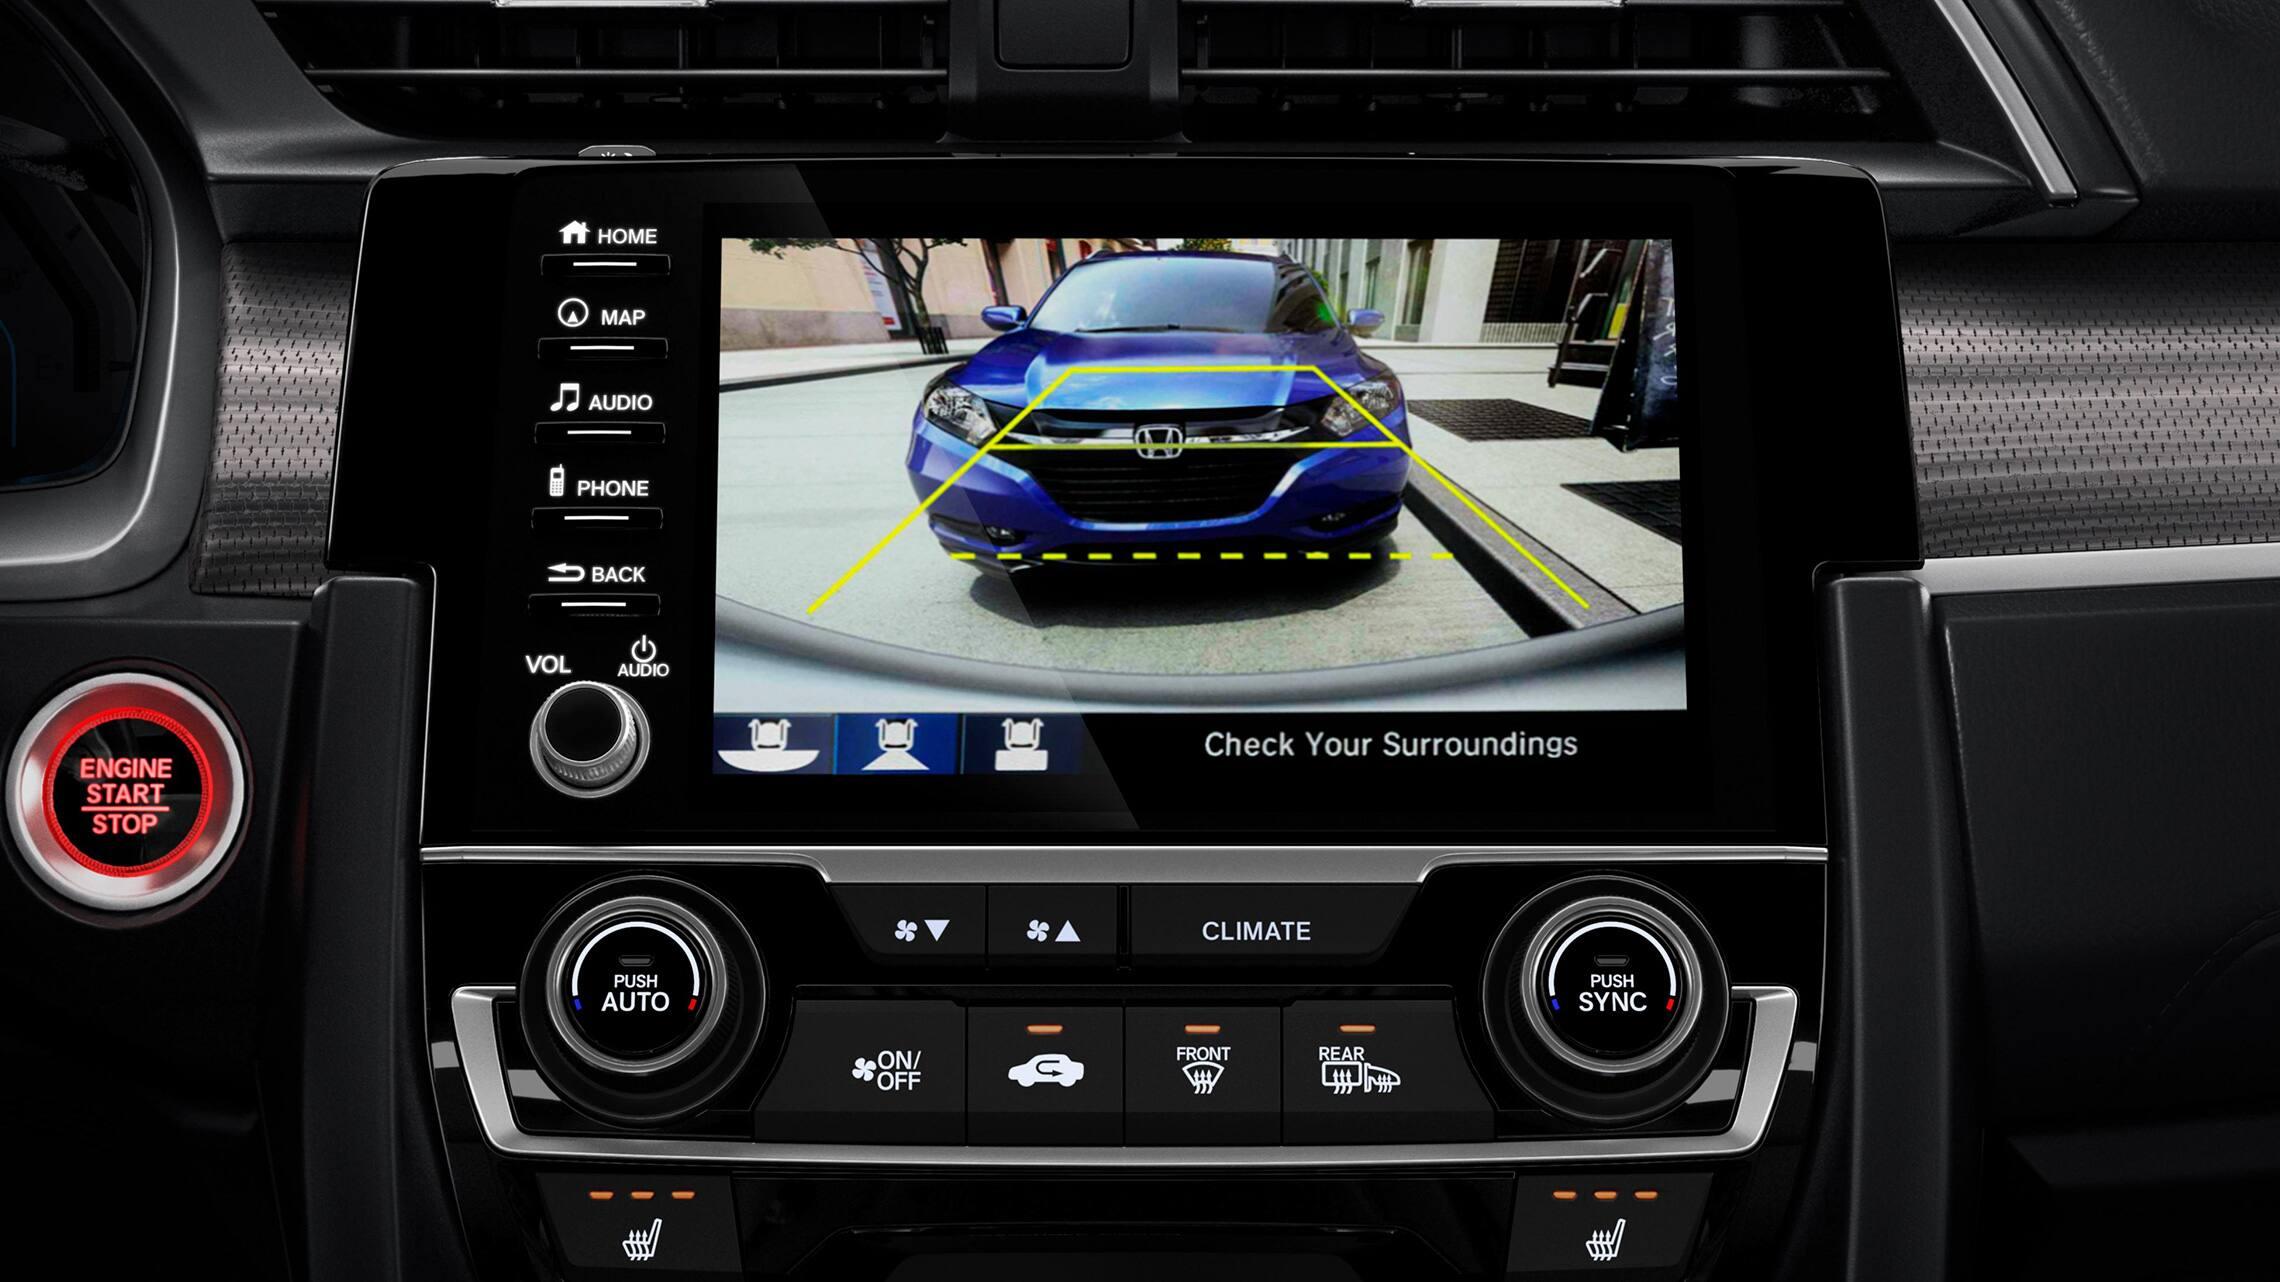 Detalle de la cámara de reversa multiángulo en el sistema de audio en pantalla táctil del Honda Civic Touring Sedán2021.